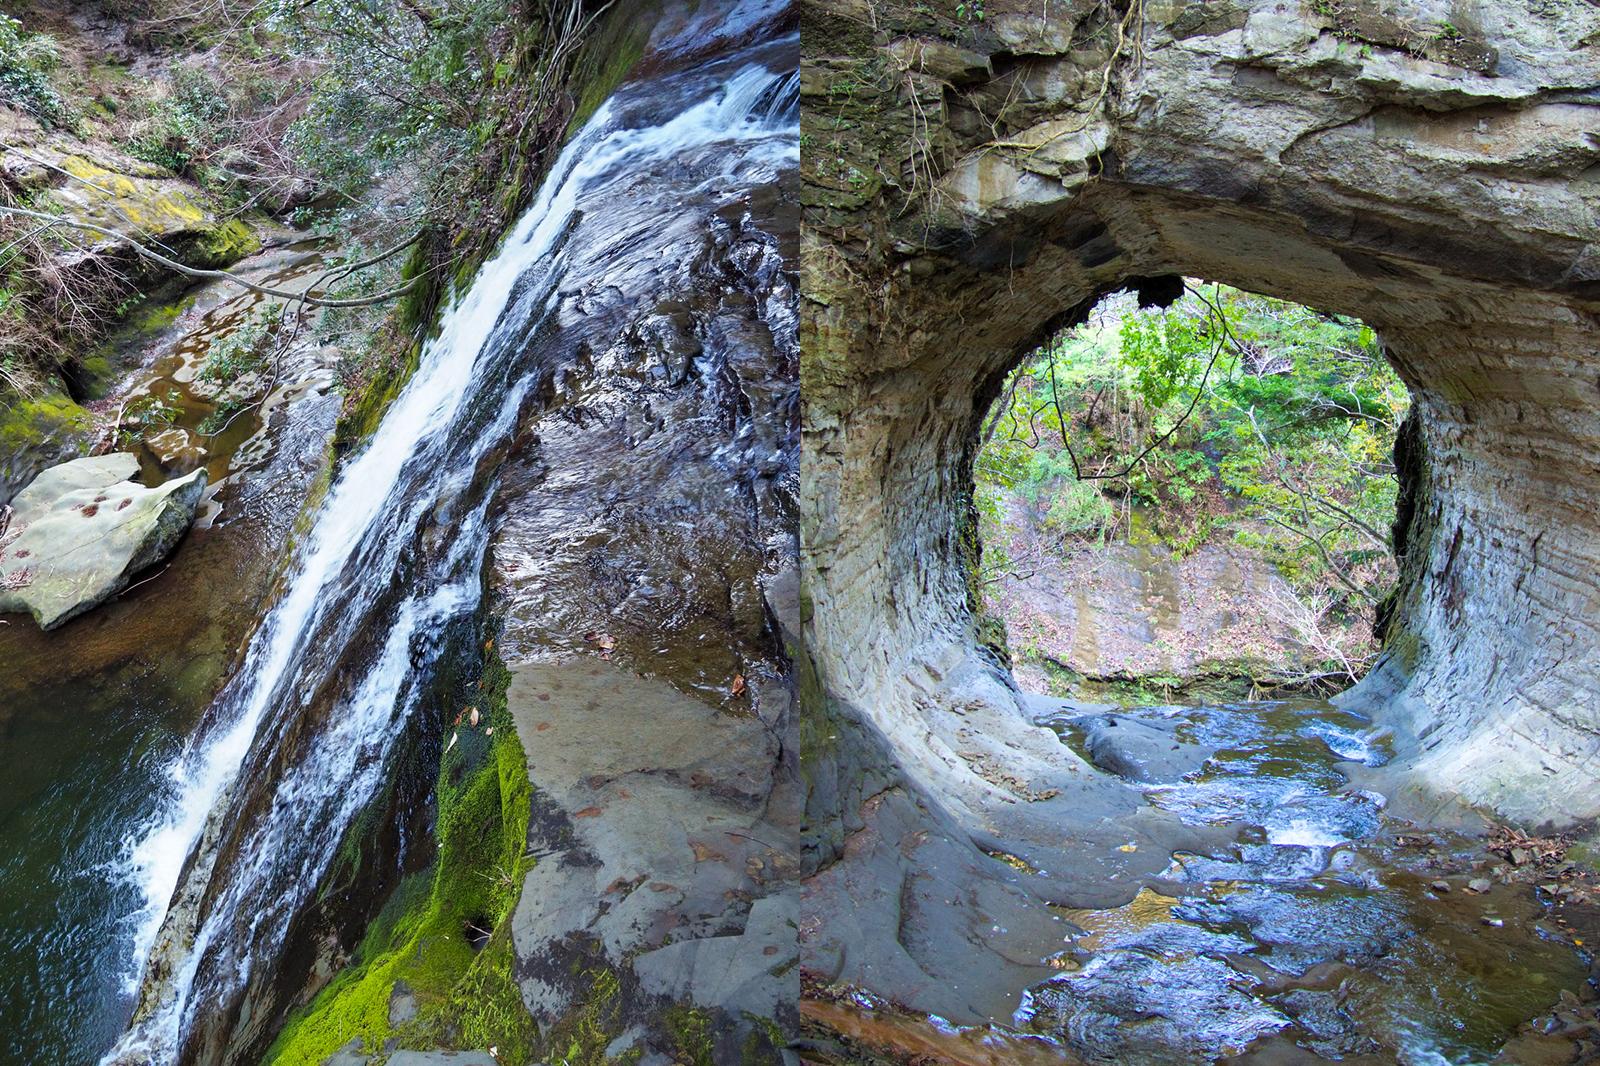 九十九谷の奥地にある秘境滝や普段は行けないようなトンネル滝もご案内